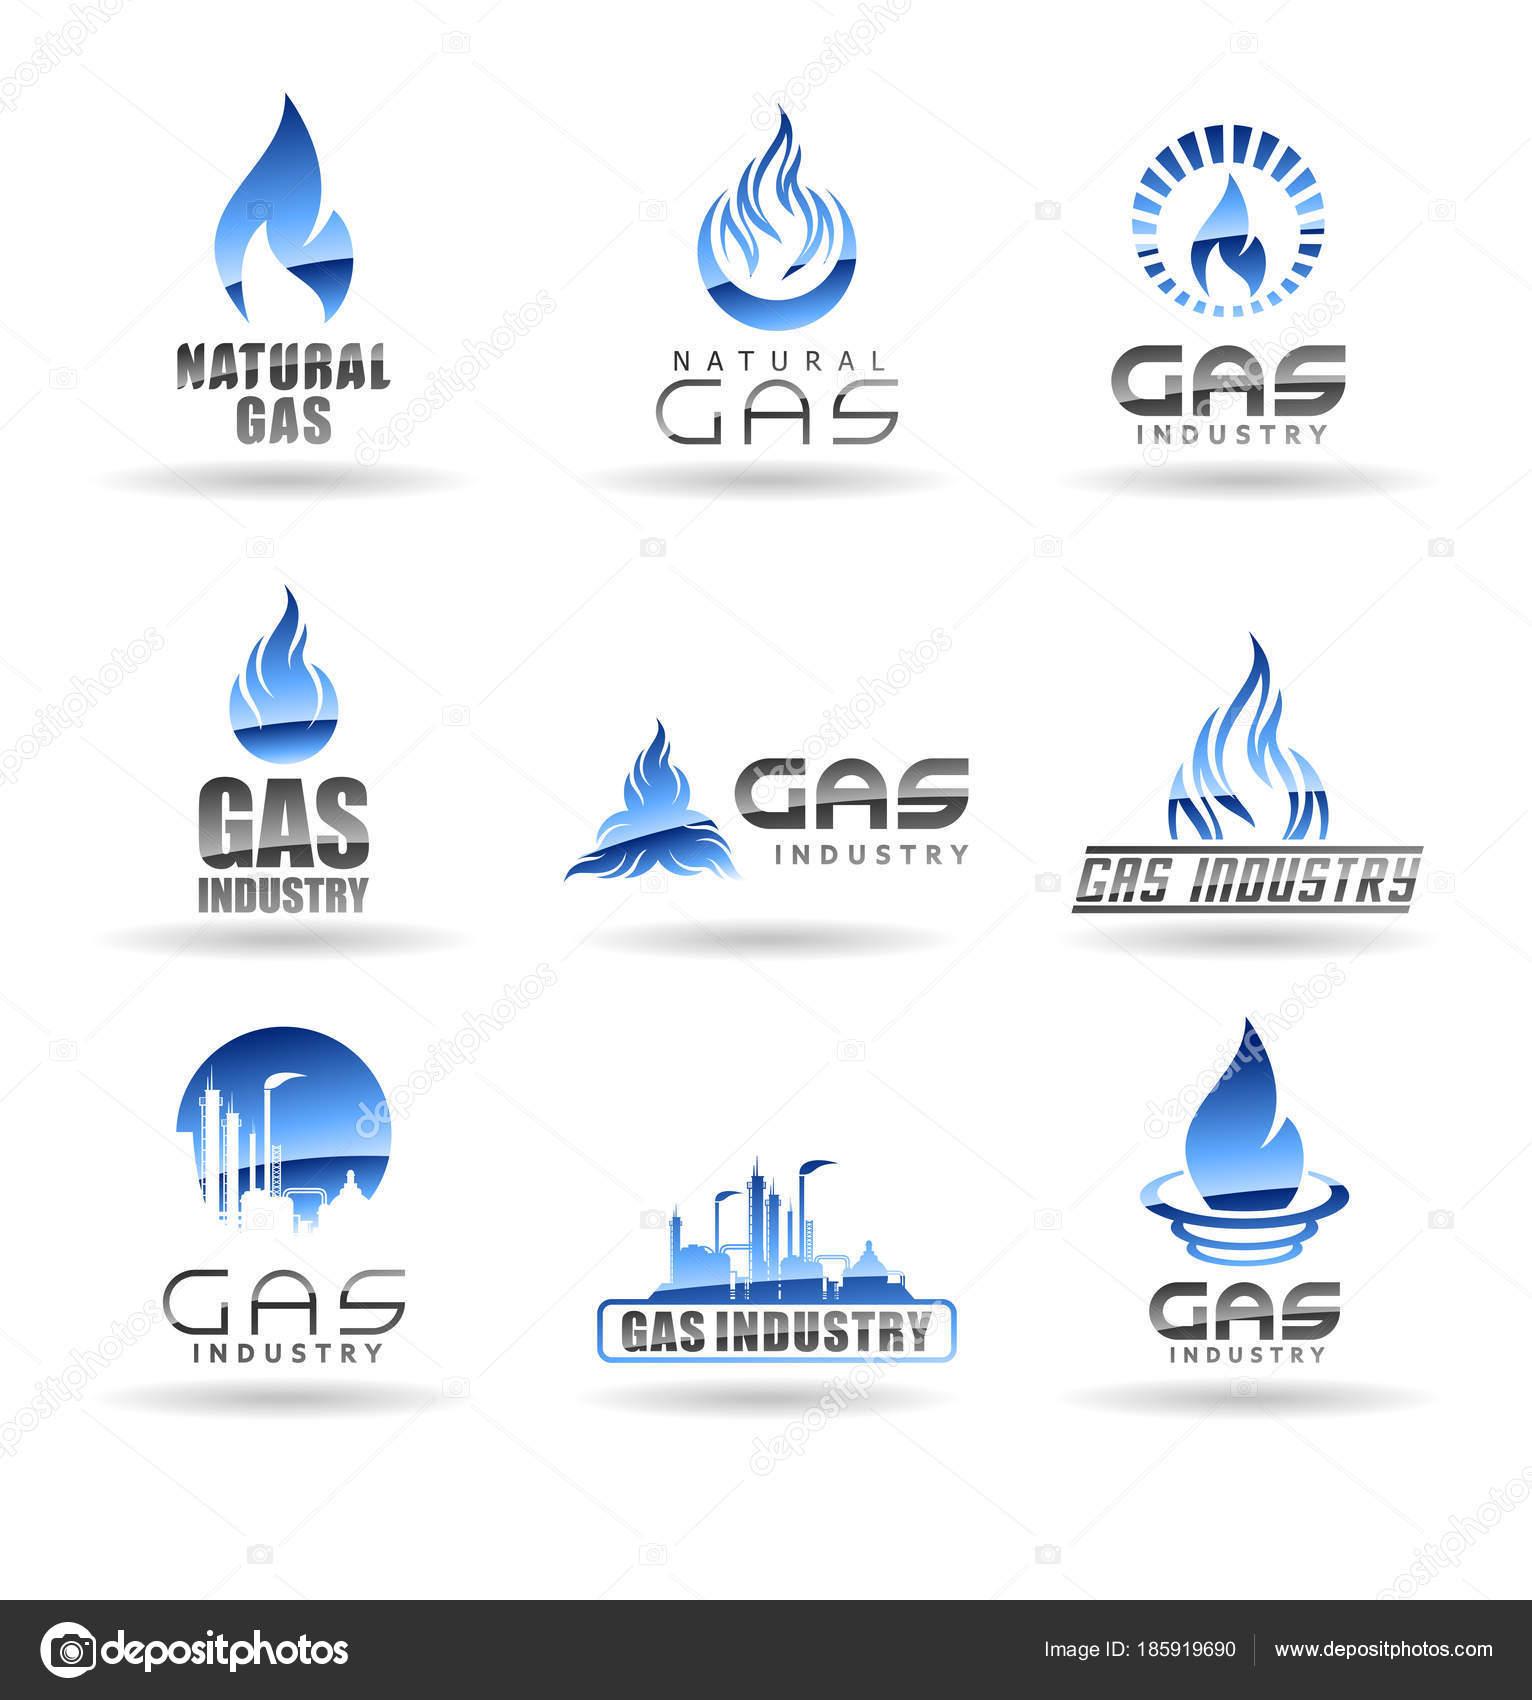 Natural Gas Vector Logo Templates — Stock Vector © pnedesign #185919690